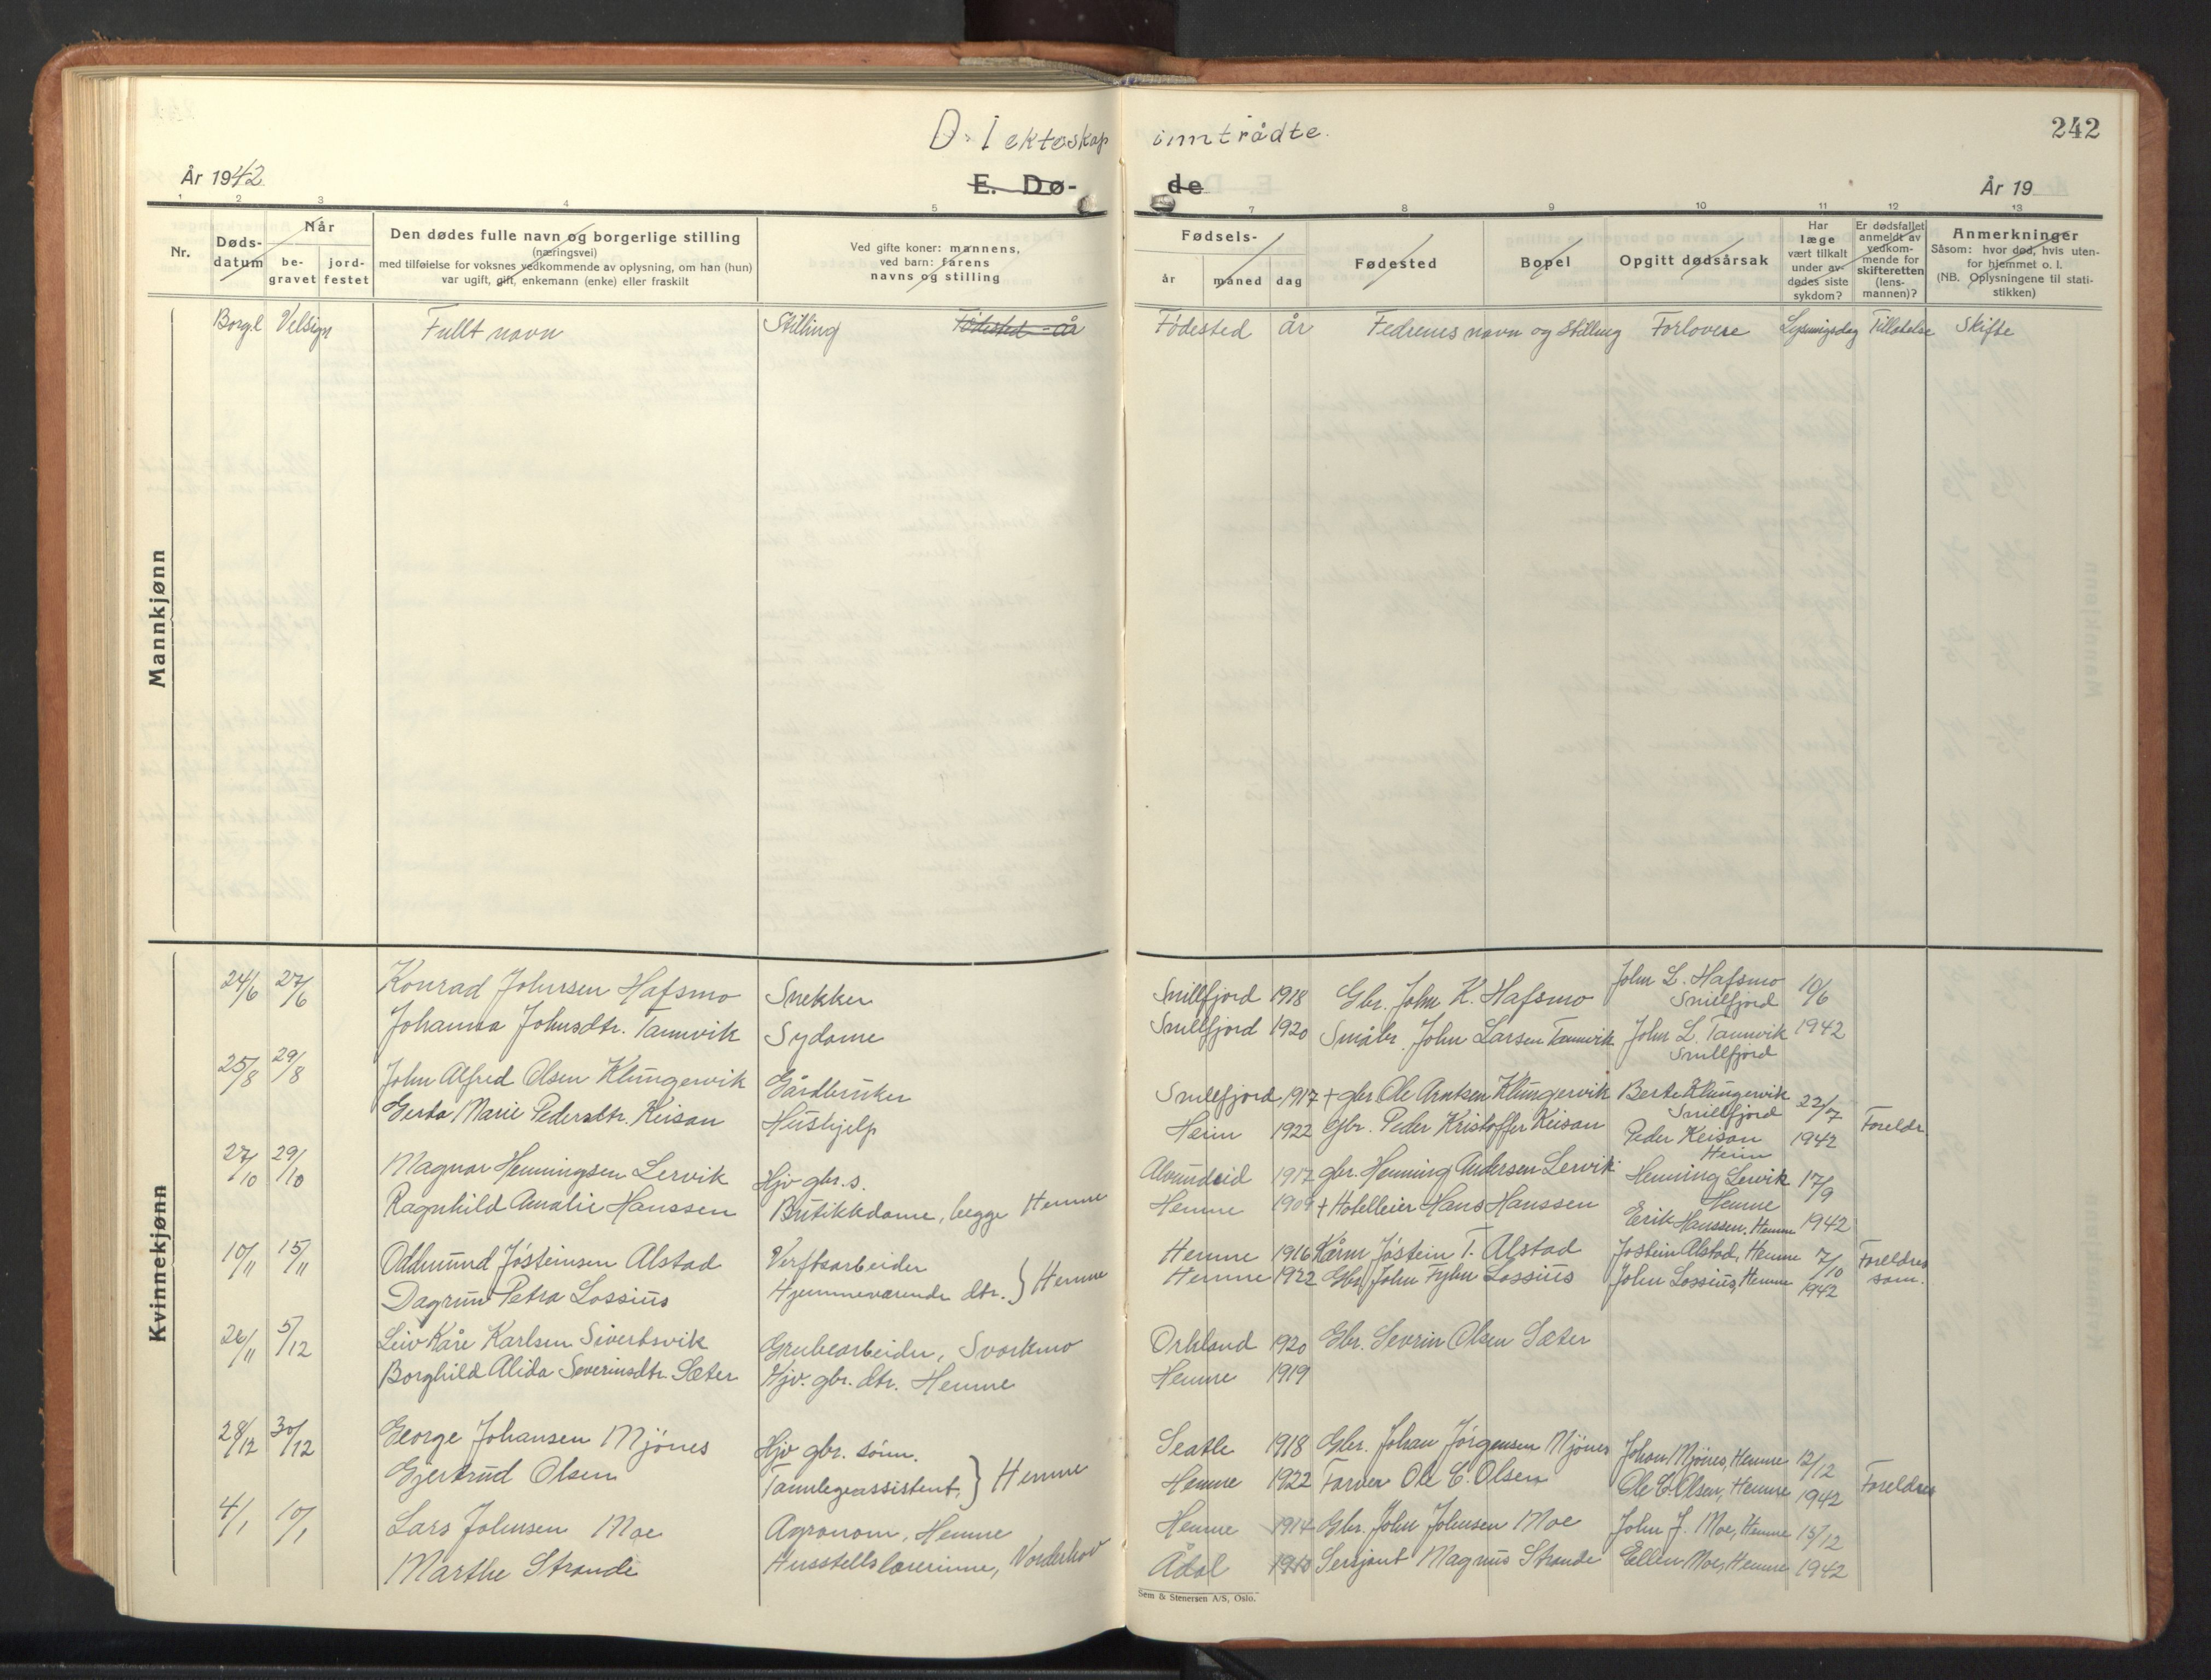 SAT, Ministerialprotokoller, klokkerbøker og fødselsregistre - Sør-Trøndelag, 630/L0508: Klokkerbok nr. 630C06, 1933-1950, s. 242